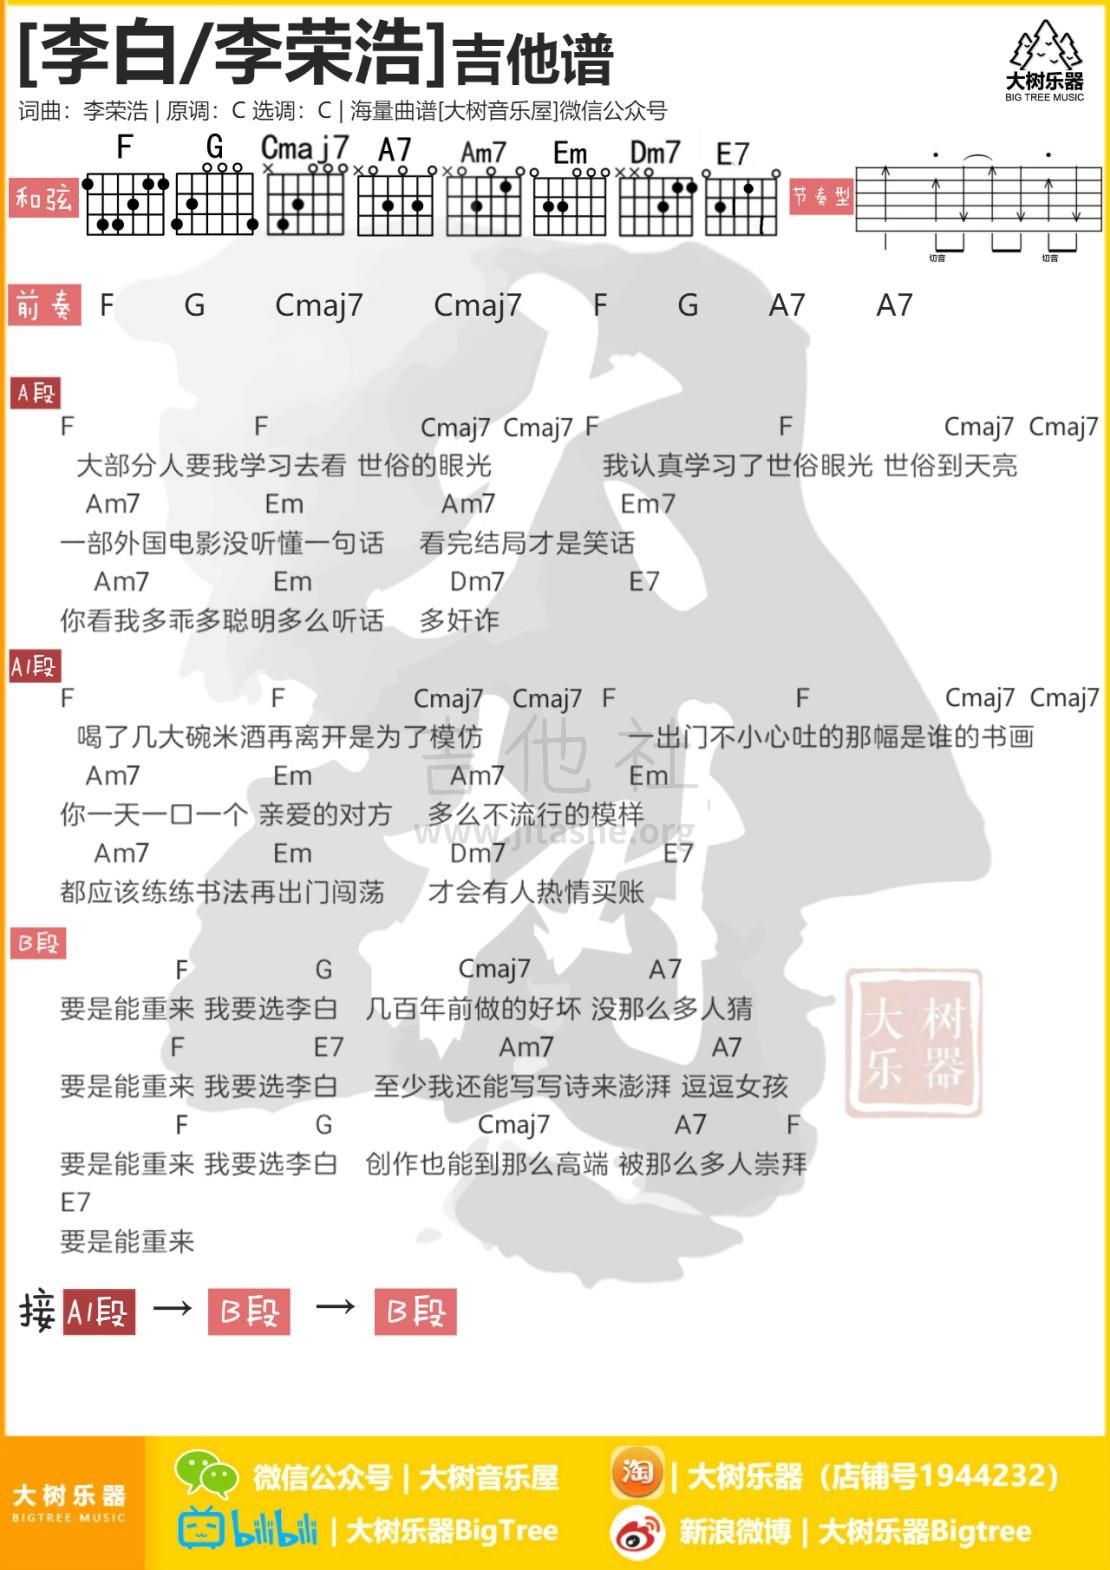 李白吉他谱(图片谱,弹唱,和弦谱,大树乐器)_李荣浩_模板_meitu_3_meitu_2_meitu_2.jpg